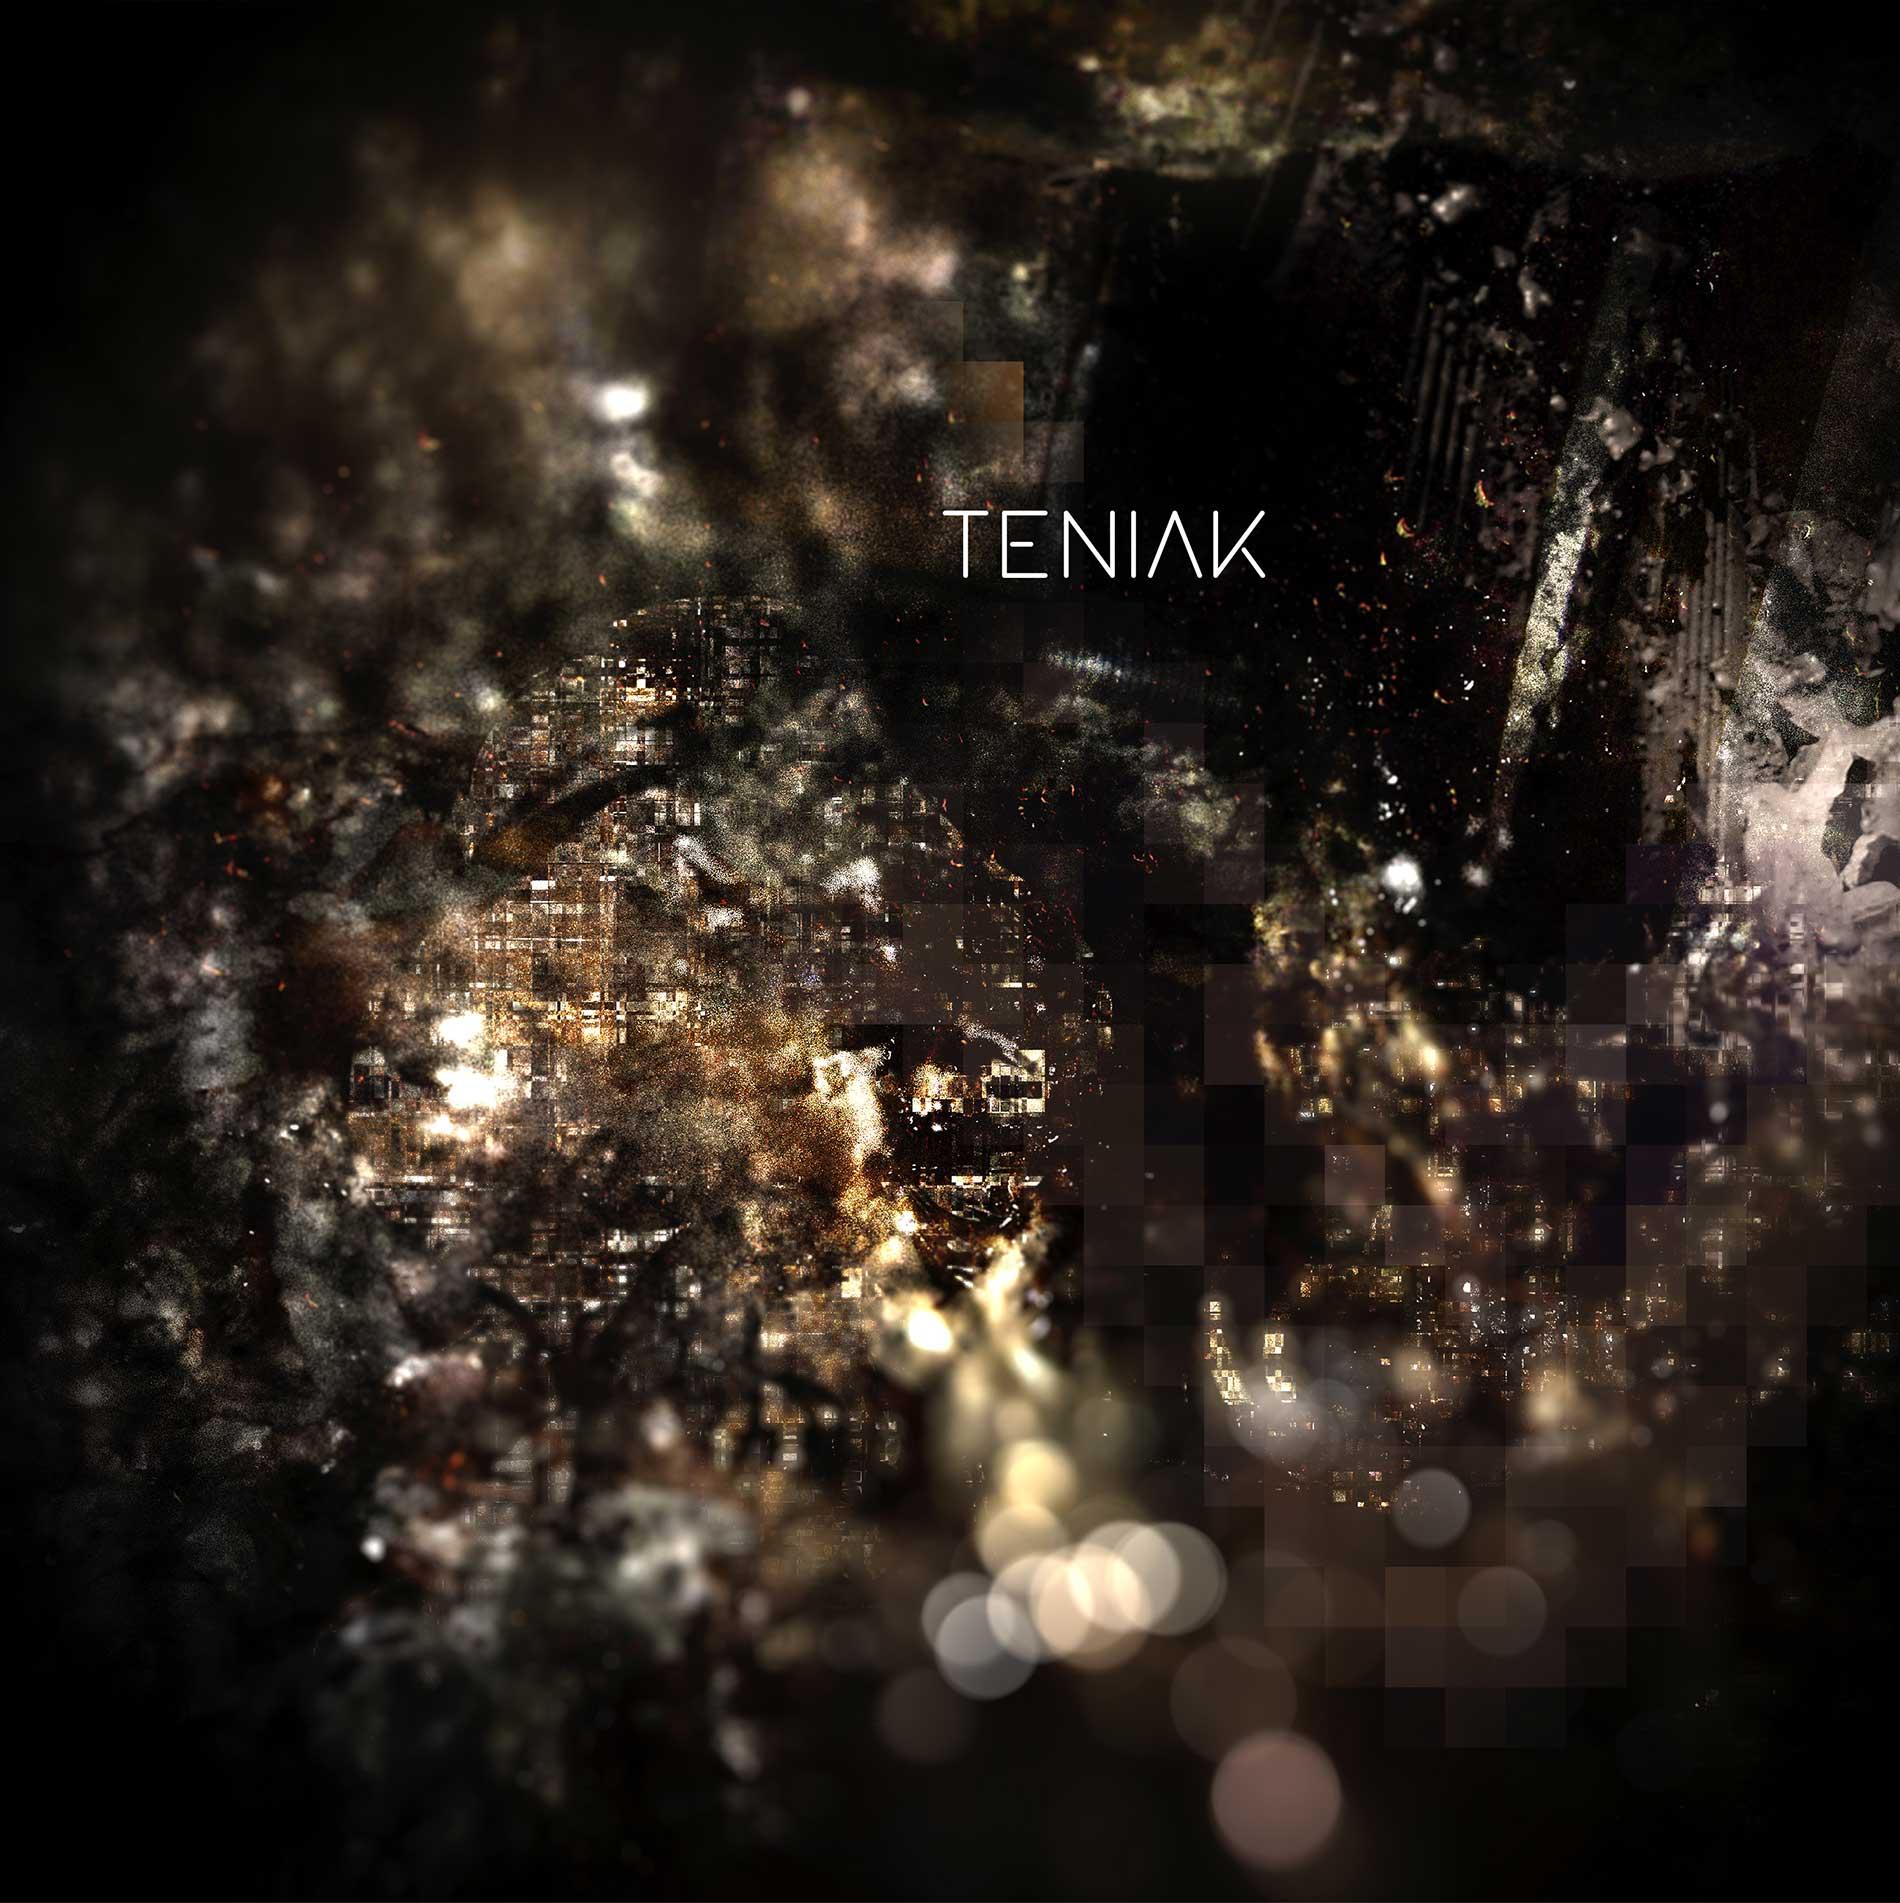 esc-teniak_03